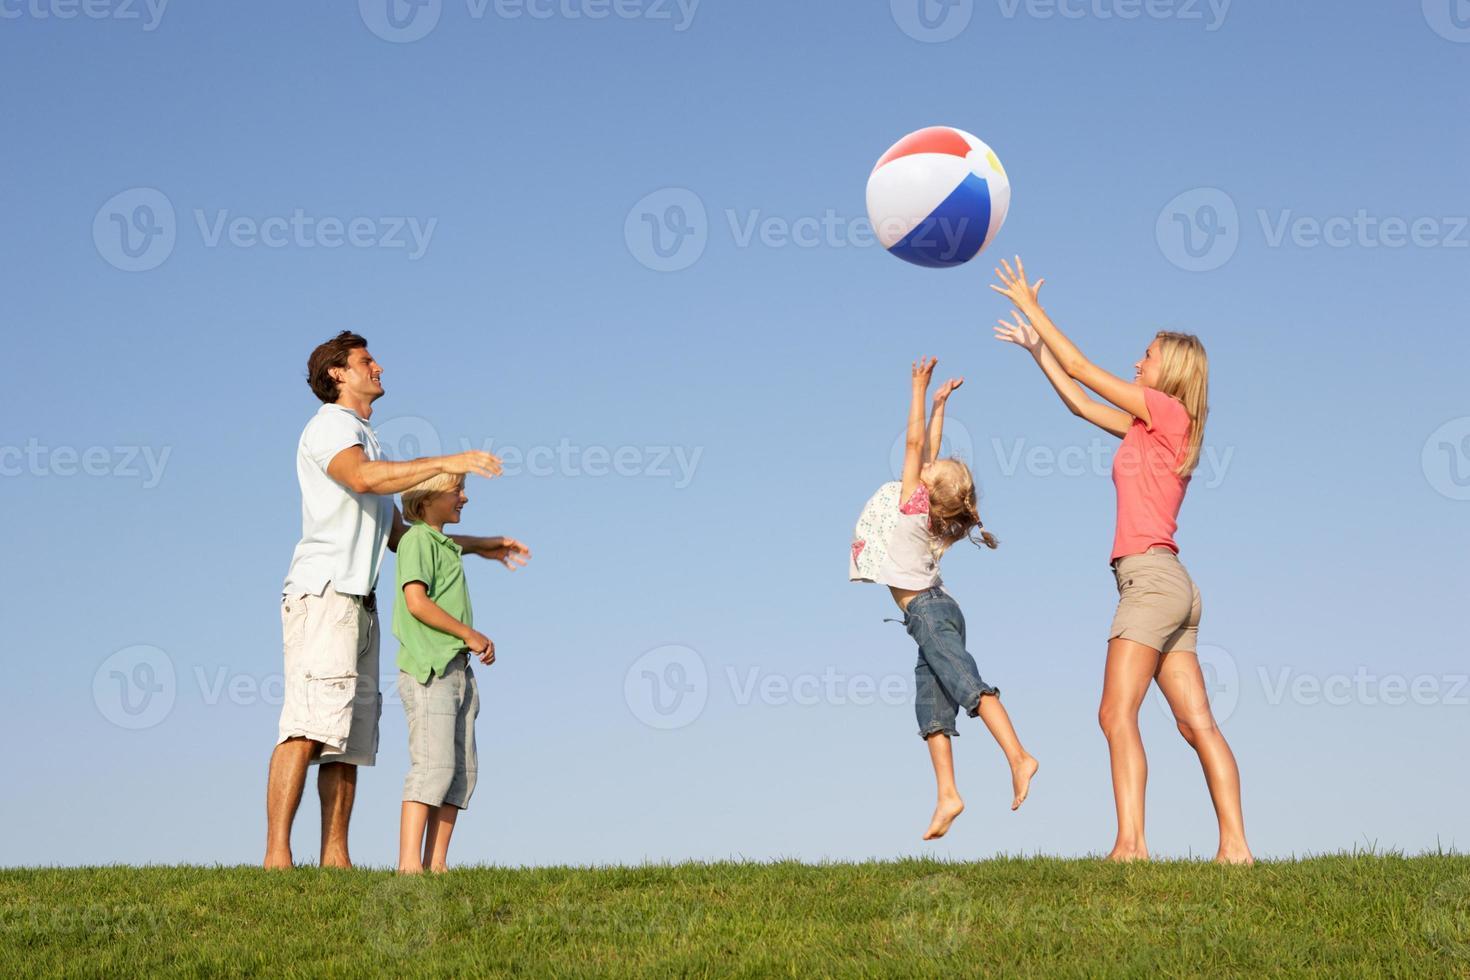 junge Familie spielt auf einem Feld foto